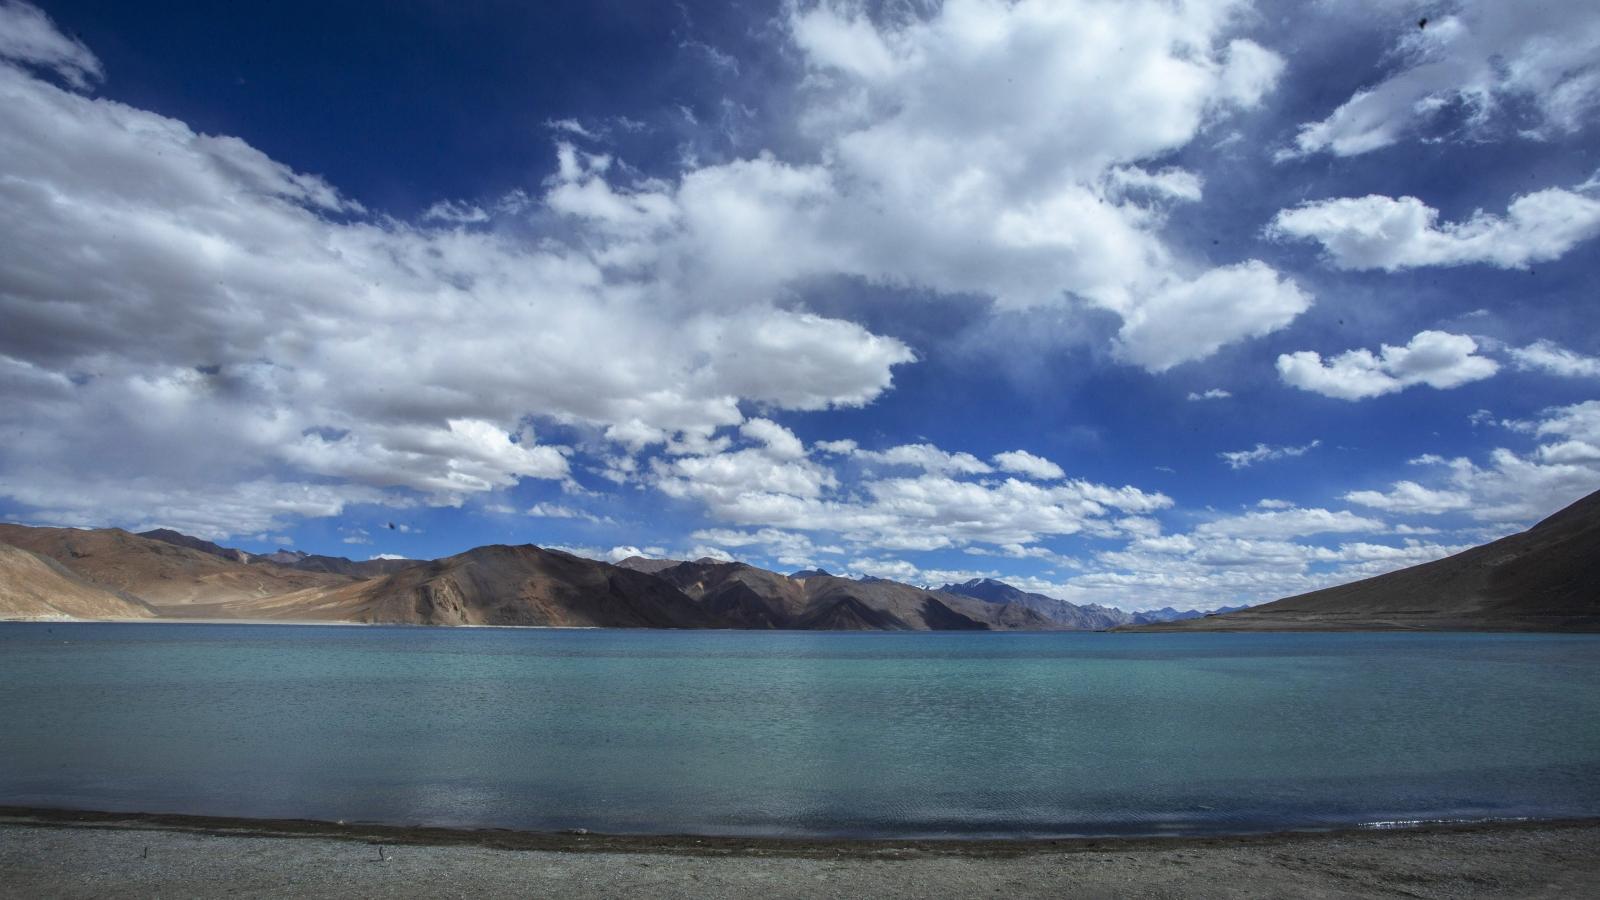 8 tháng sau tranh chấp với Trung Quốc, Ấn Độ đón du khách đến hồ Pangong Tso